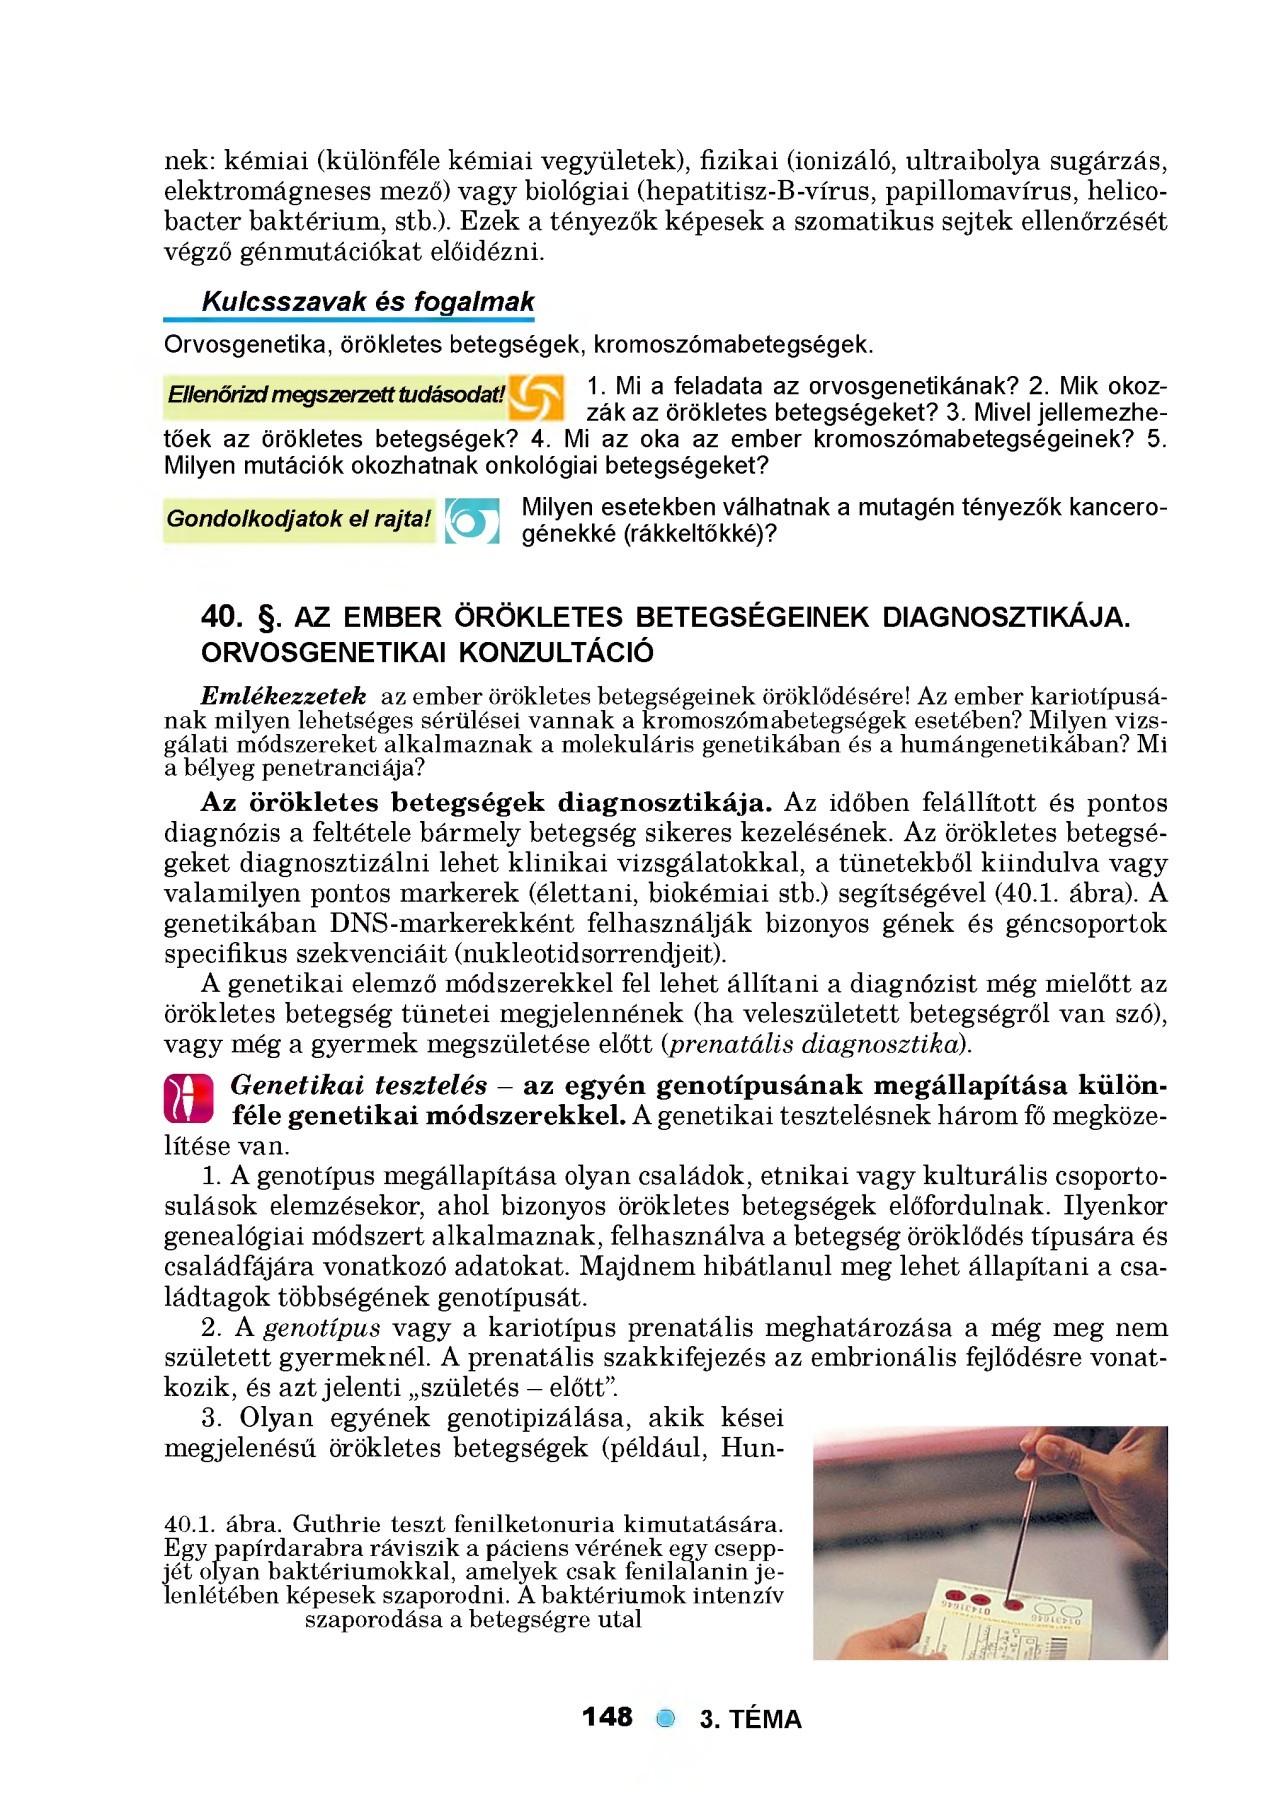 Ízületi porc helyreállítás ambulancia/ Regenerációs medicina